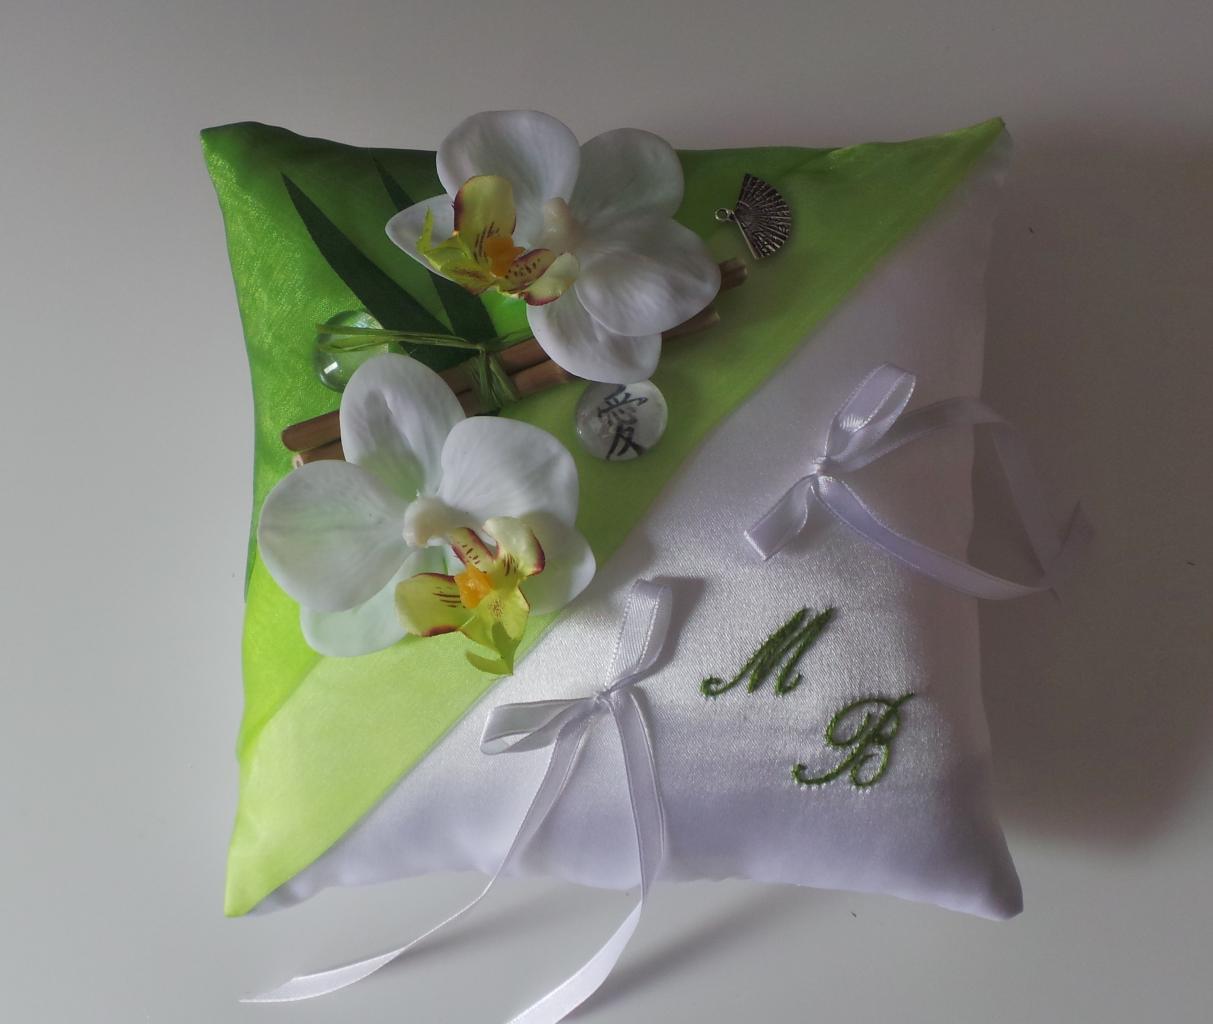 Coussin alliance Zen Japon anis orchidées bambou